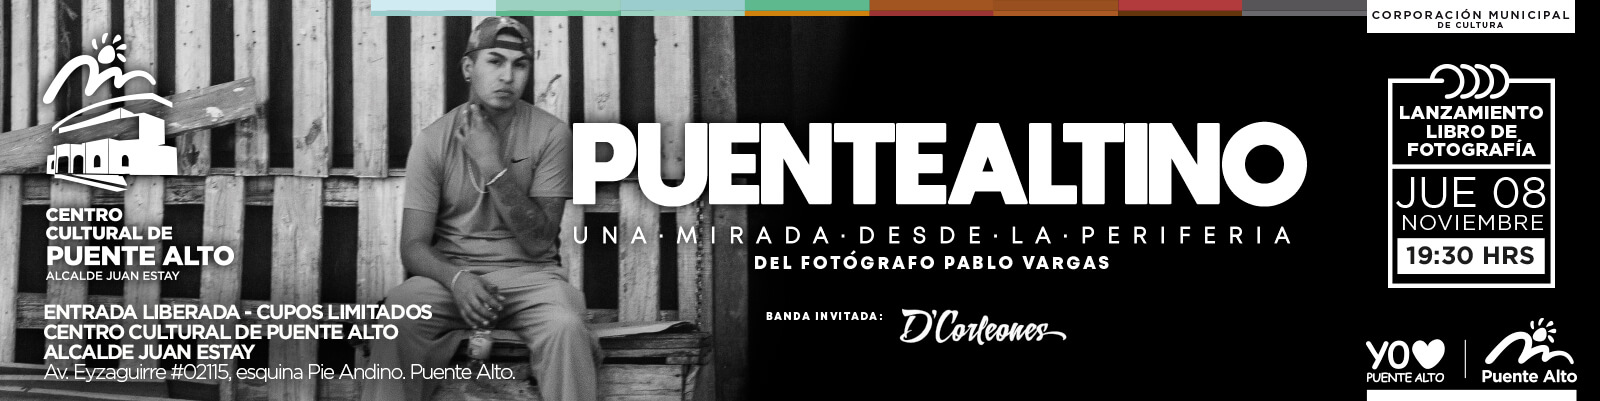 Lanzamiento del libro Puentealtino: Una Mirada desde la Periferia.